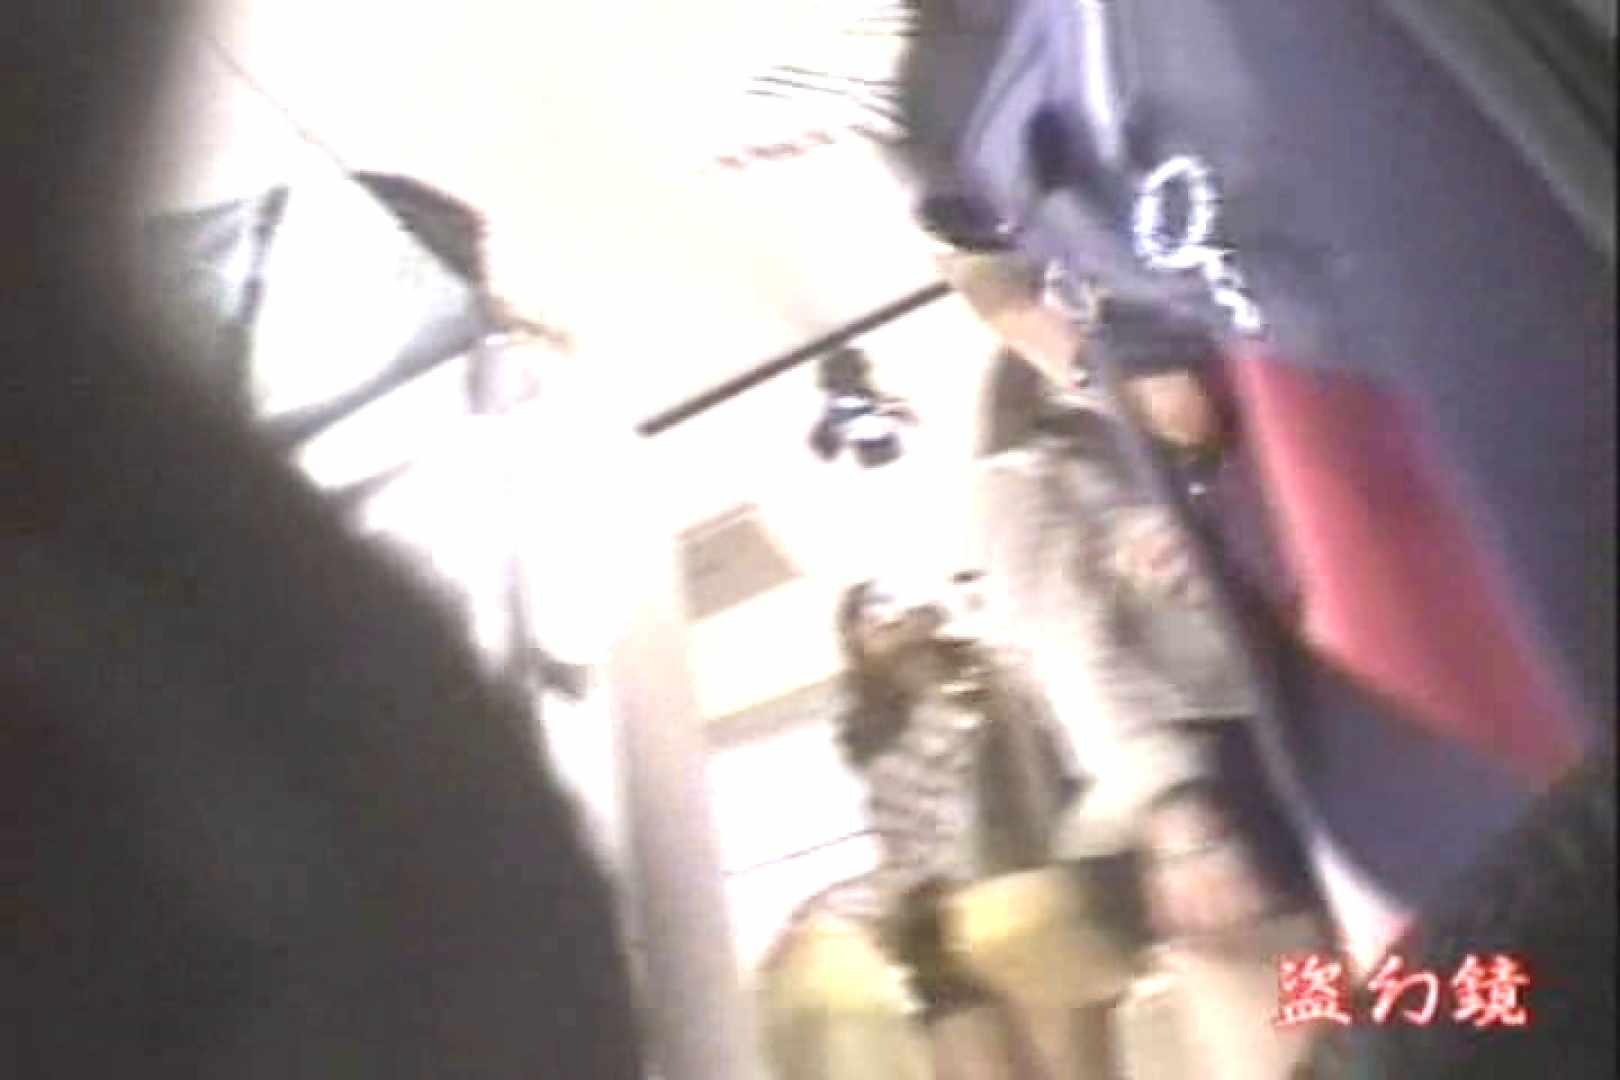 究極カリスマショップ逆さ撮り 完全保存版02 チラ  103画像 84